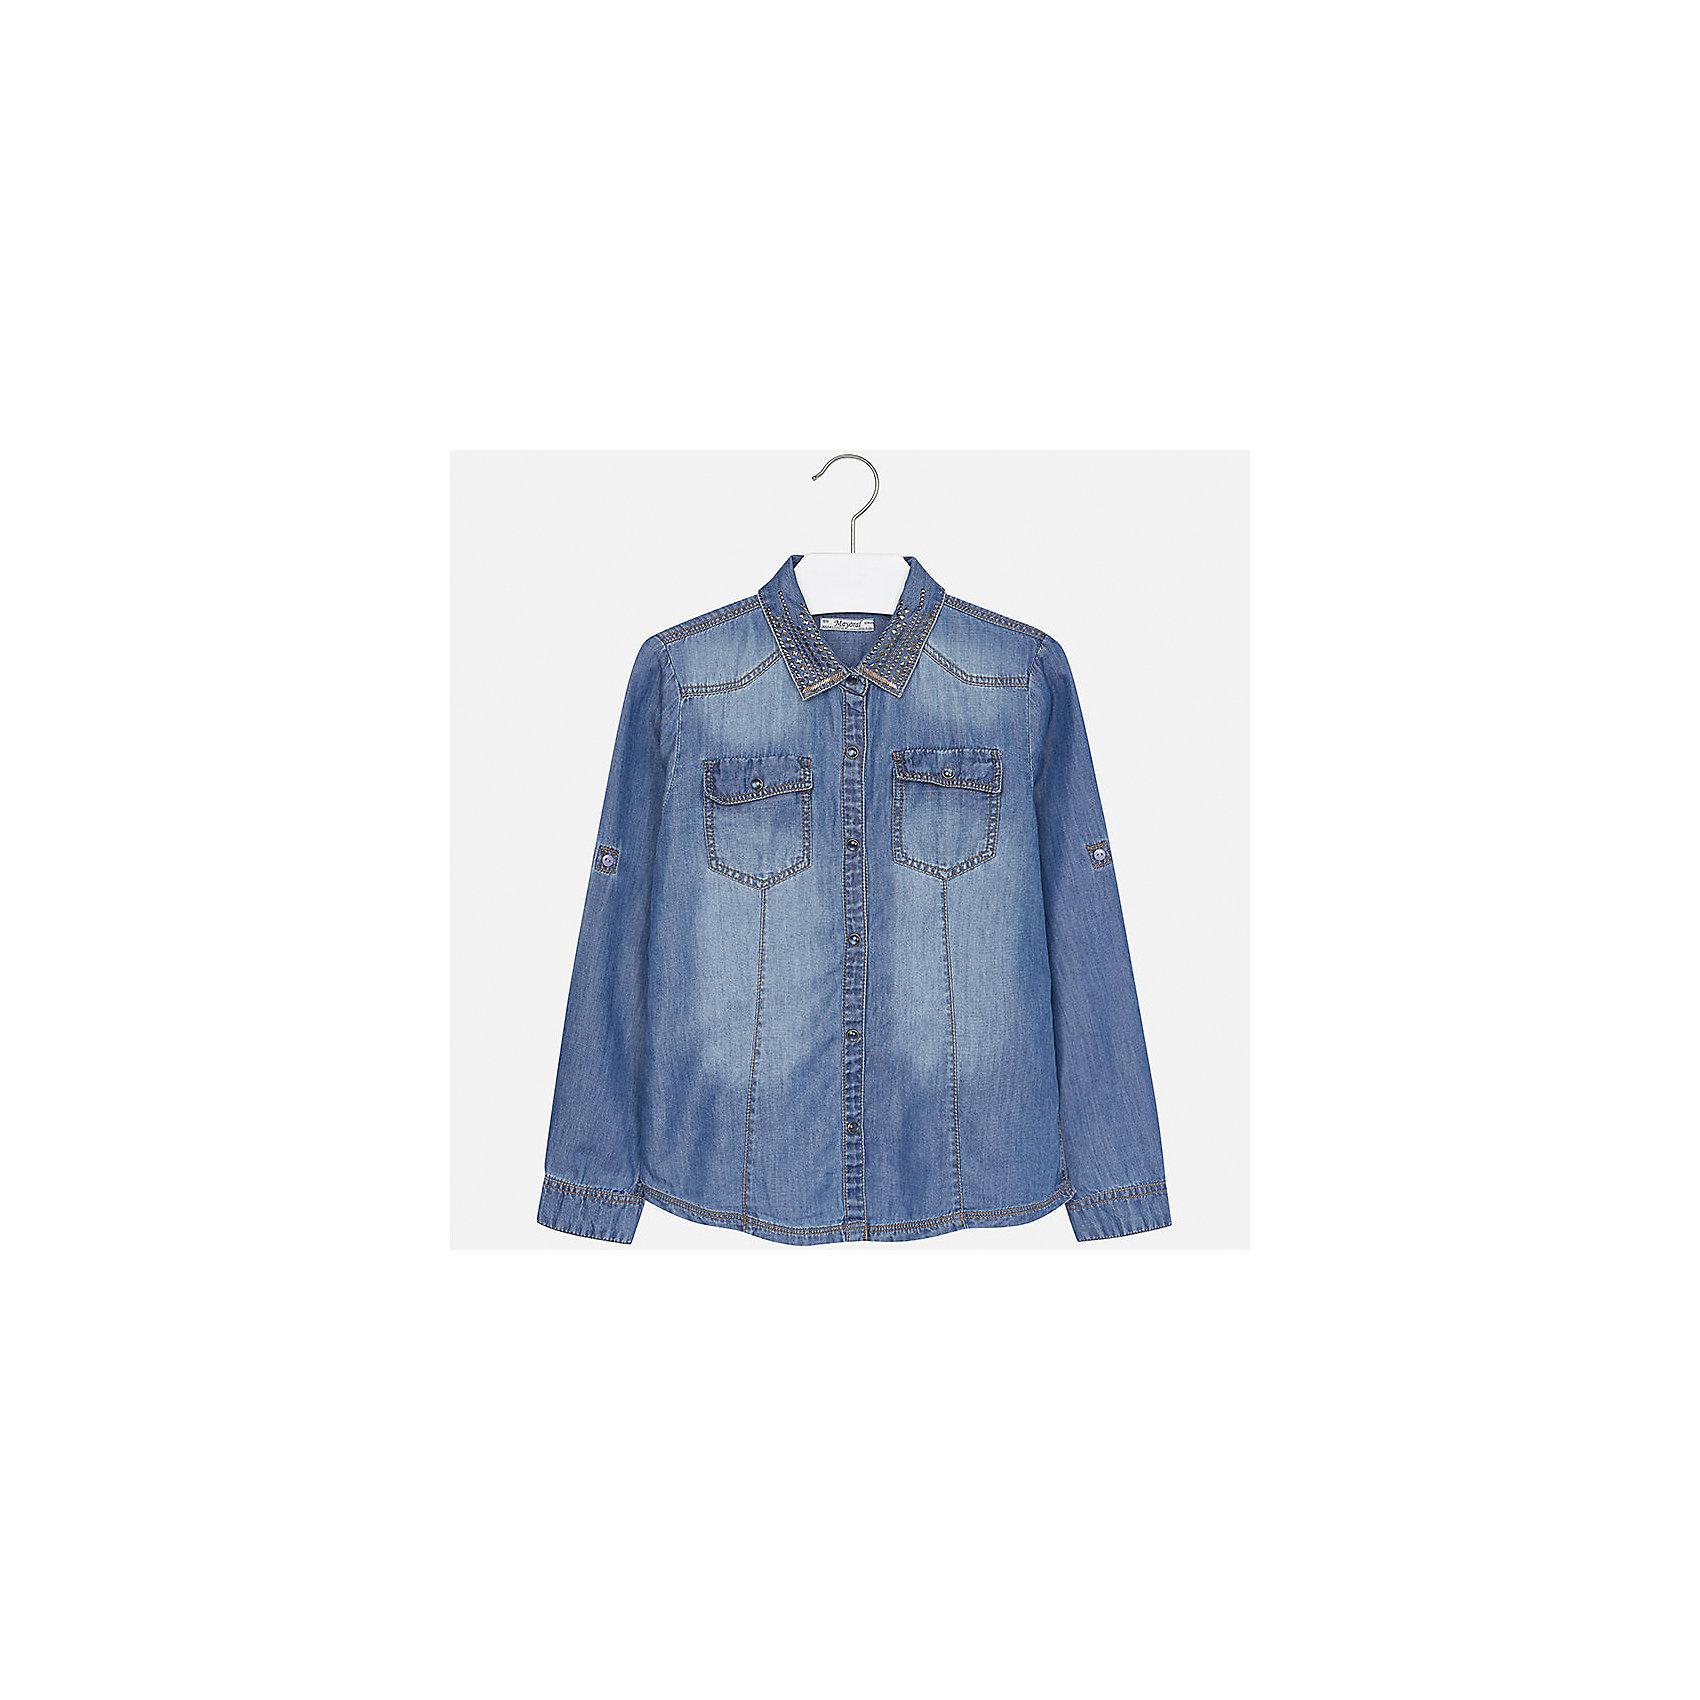 Рубашка Mayoral для девочкиБлузки и рубашки<br>Характеристики товара:<br><br>• цвет: синий<br>• состав ткани: 60% хлопок, 40% лиоцелл<br>• длинные рукава<br>• сезон: круглый год<br>• застежка: кнопки<br>• страна бренда: Испания<br>• страна изготовитель: Индия<br><br>Джинсовая блузка для девочки от известного испанского бренда Mayoral декорирована интересным отложным воротником. Детская блузка сшита из качественной ткани с преобладанием натурального хлопка в составе. <br><br>Для производства детской одежды популярный бренд Mayoral используют только качественную фурнитуру и материалы. Оригинальные и модные вещи от Майорал неизменно привлекают внимание и нравятся детям.<br><br>Блузку для девочки Mayoral (Майорал) можно купить в нашем интернет-магазине.<br><br>Ширина мм: 186<br>Глубина мм: 87<br>Высота мм: 198<br>Вес г: 197<br>Цвет: синий деним<br>Возраст от месяцев: 168<br>Возраст до месяцев: 180<br>Пол: Женский<br>Возраст: Детский<br>Размер: 170,164,158,152,140,128/134<br>SKU: 6921683